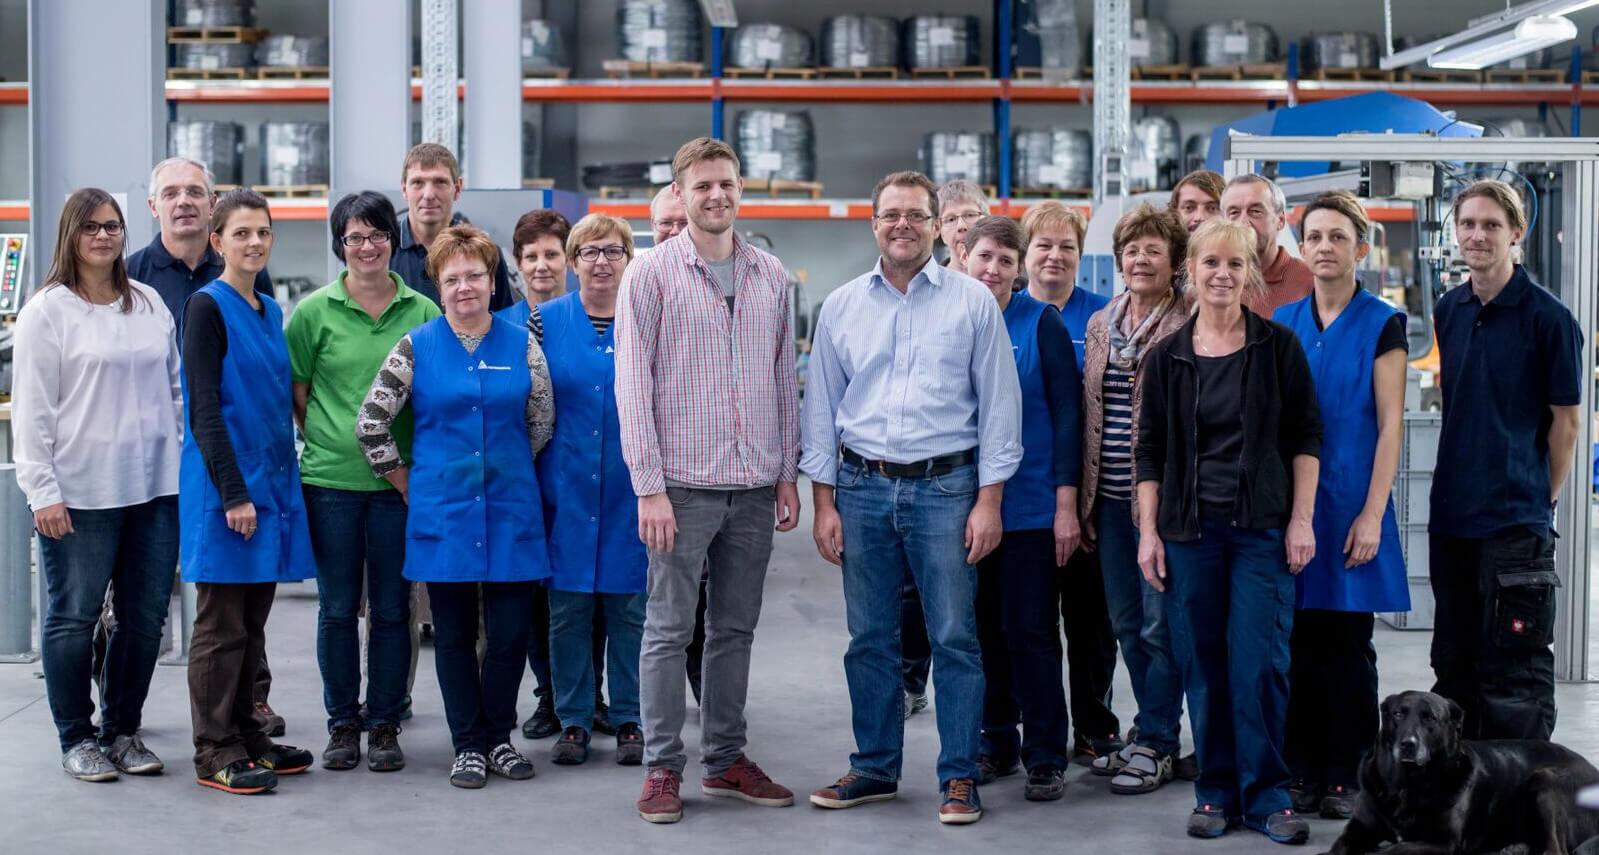 Hinterdobler Fabrikations GmbH | Das Team von Hinterdobler Fabrikations GmbH | Langjährige Erfahrung kombiniert mit frischen Ideen